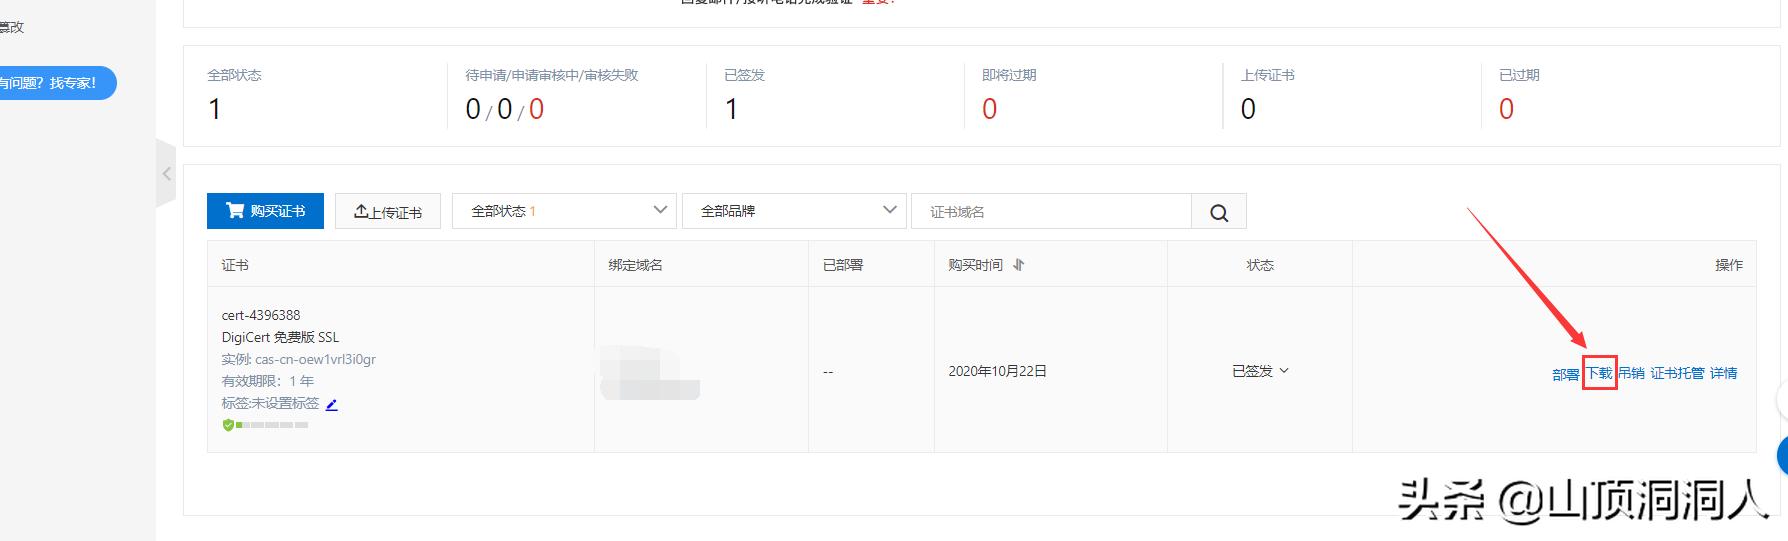 阿里云上申请免费SSL证书,在tomcat上配置https